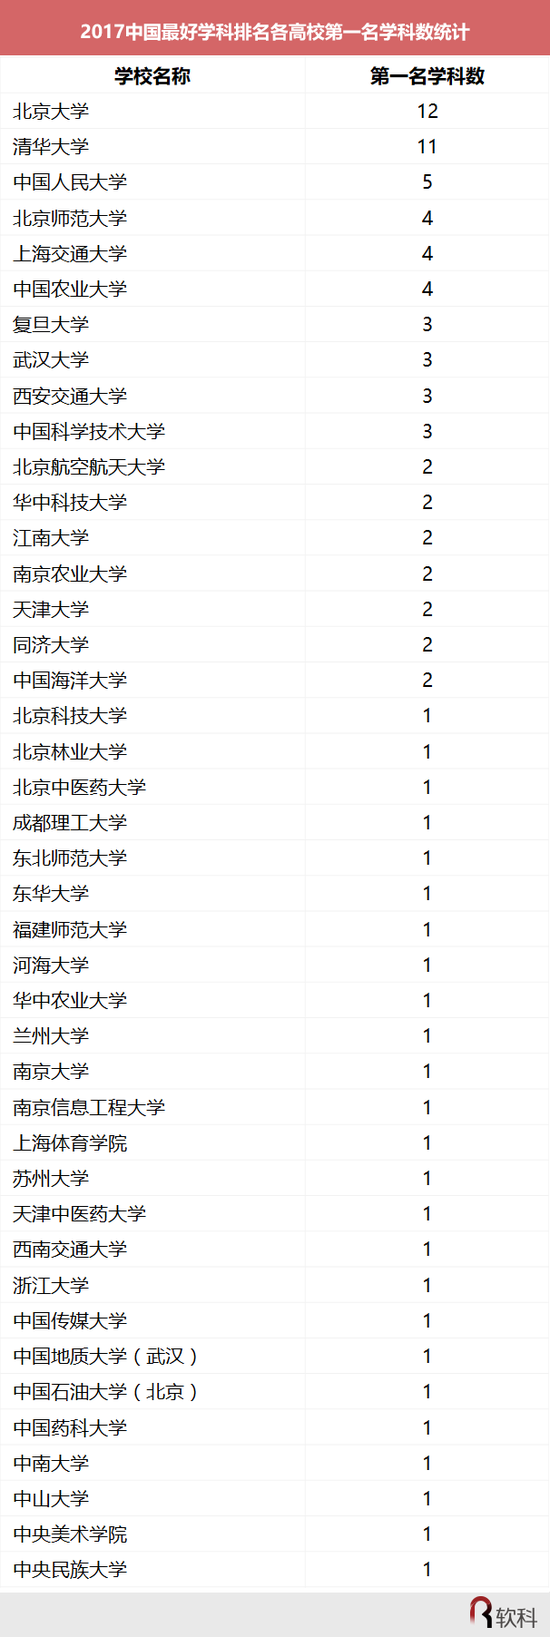 2017中国最好学科排名榜(软科版)